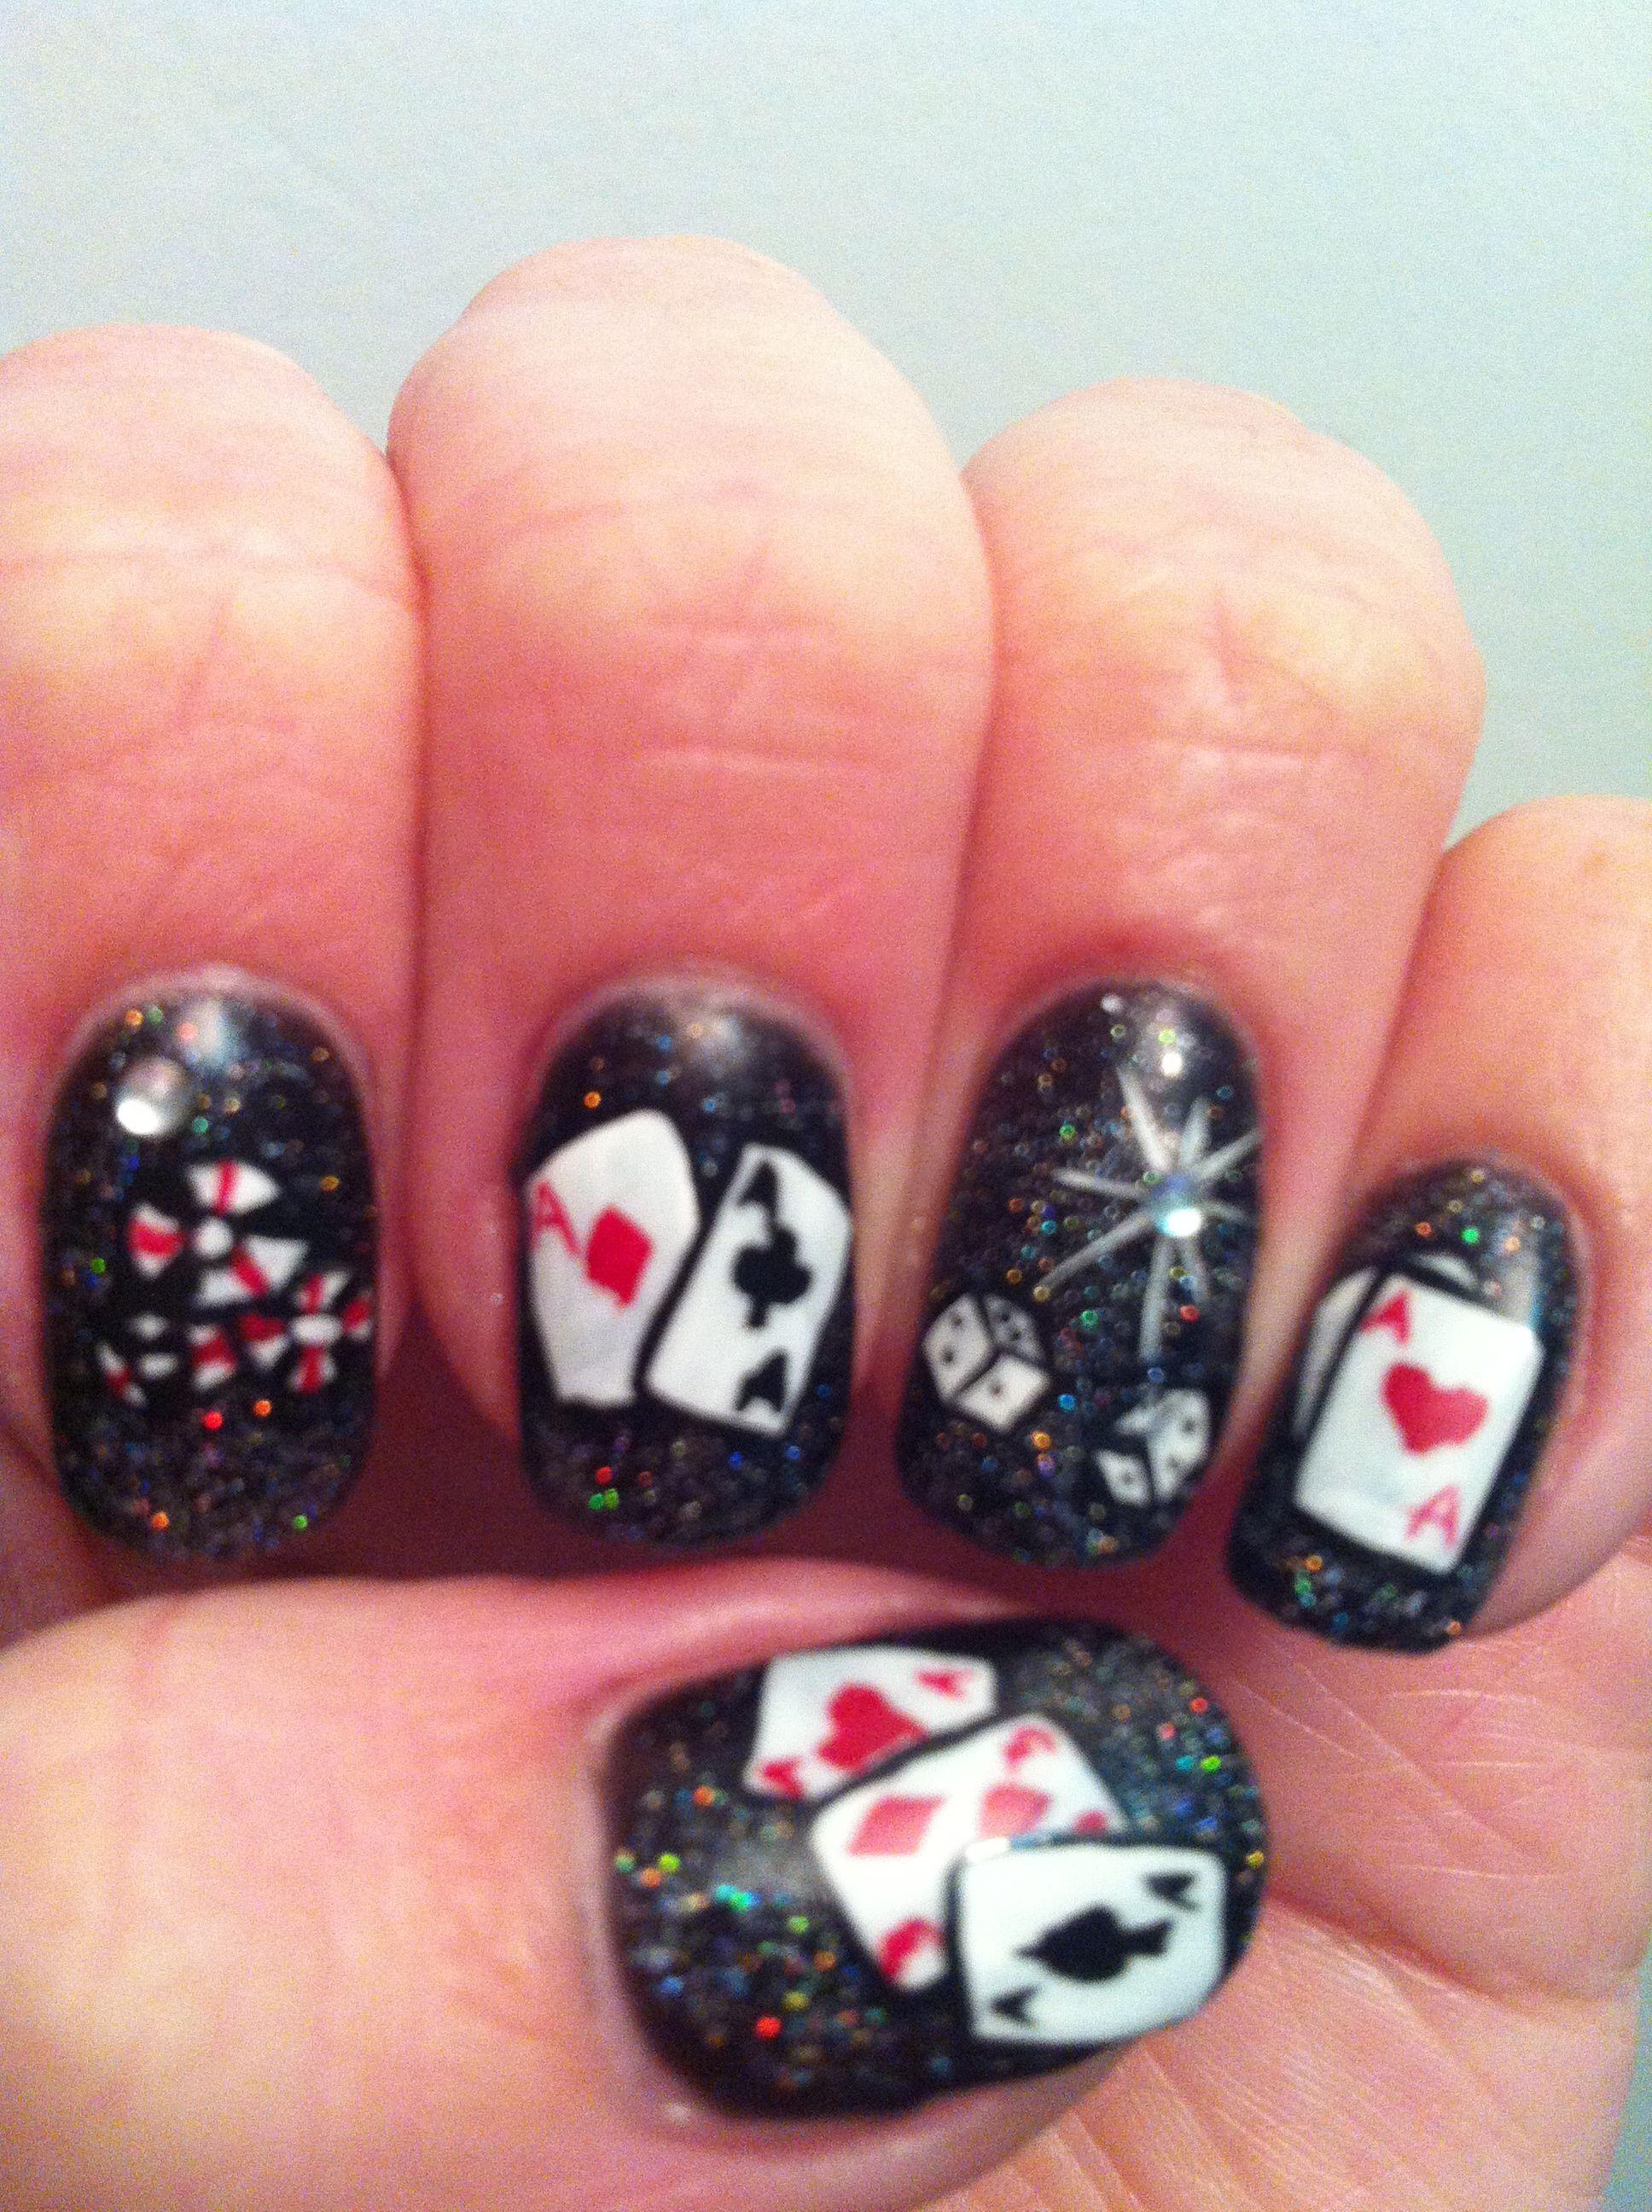 My amazing Vegas nails!